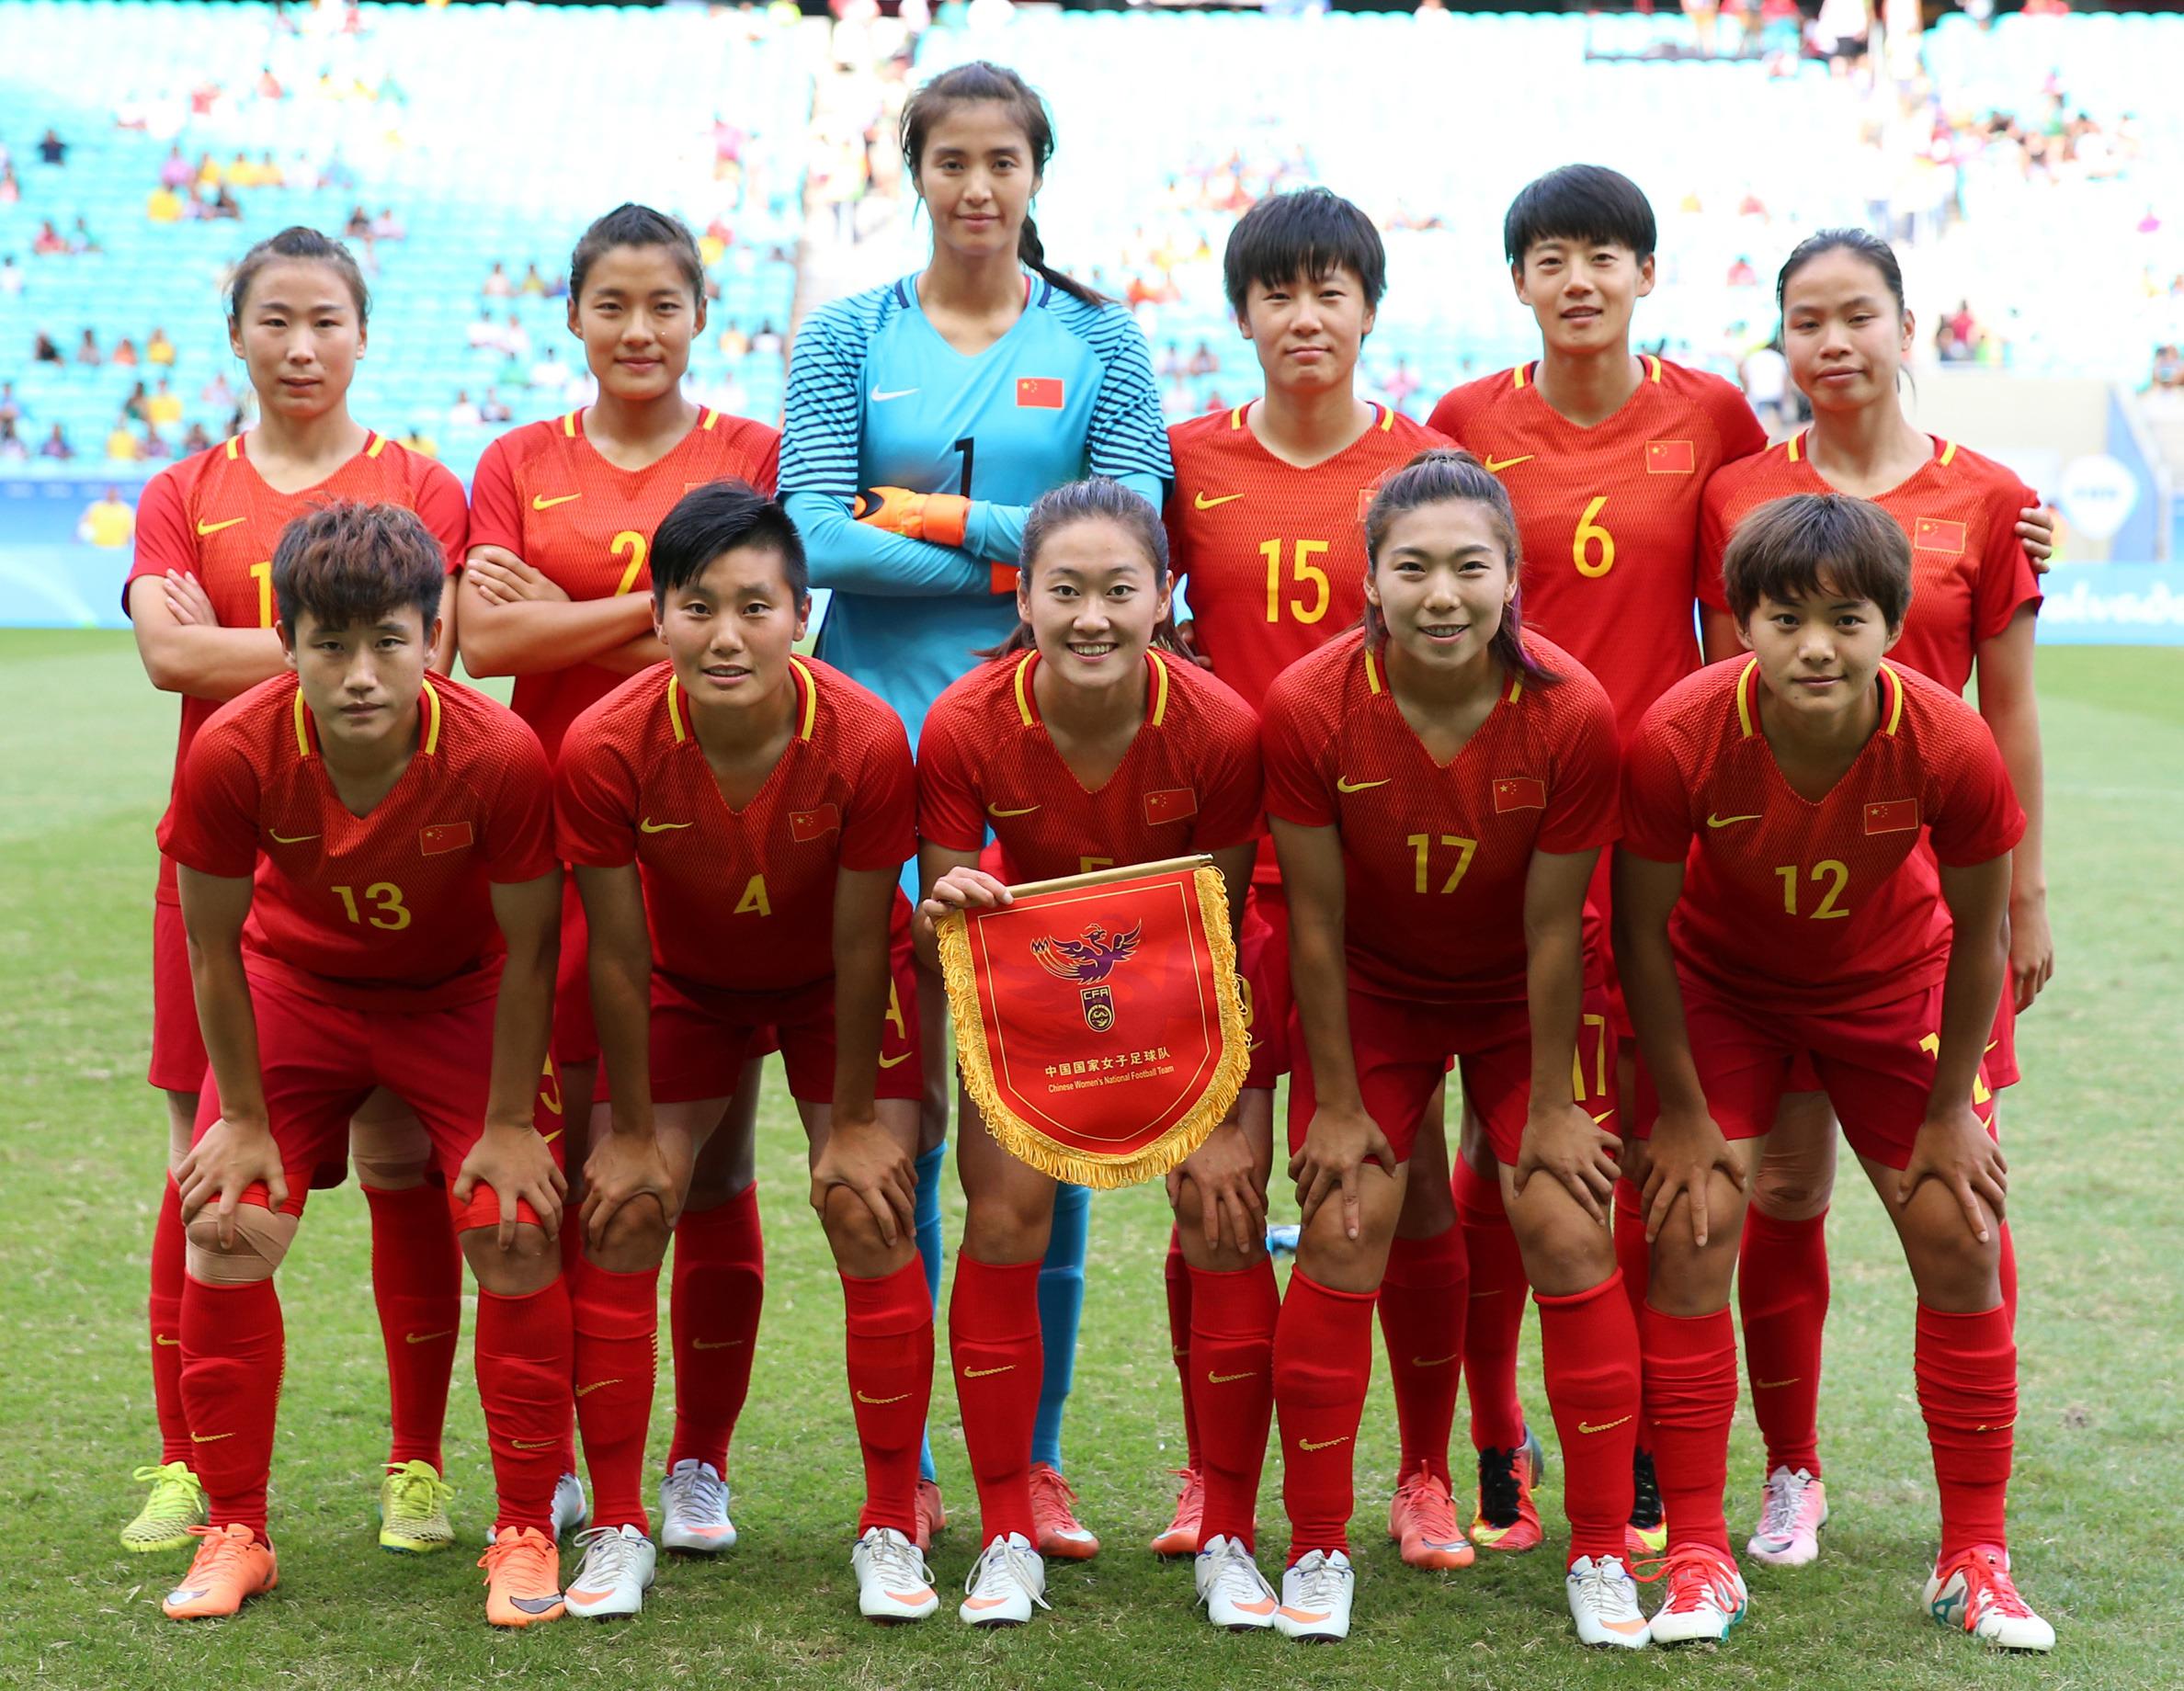 中国女足队首发球员在比赛前合影。新华社记者徐子鉴摄